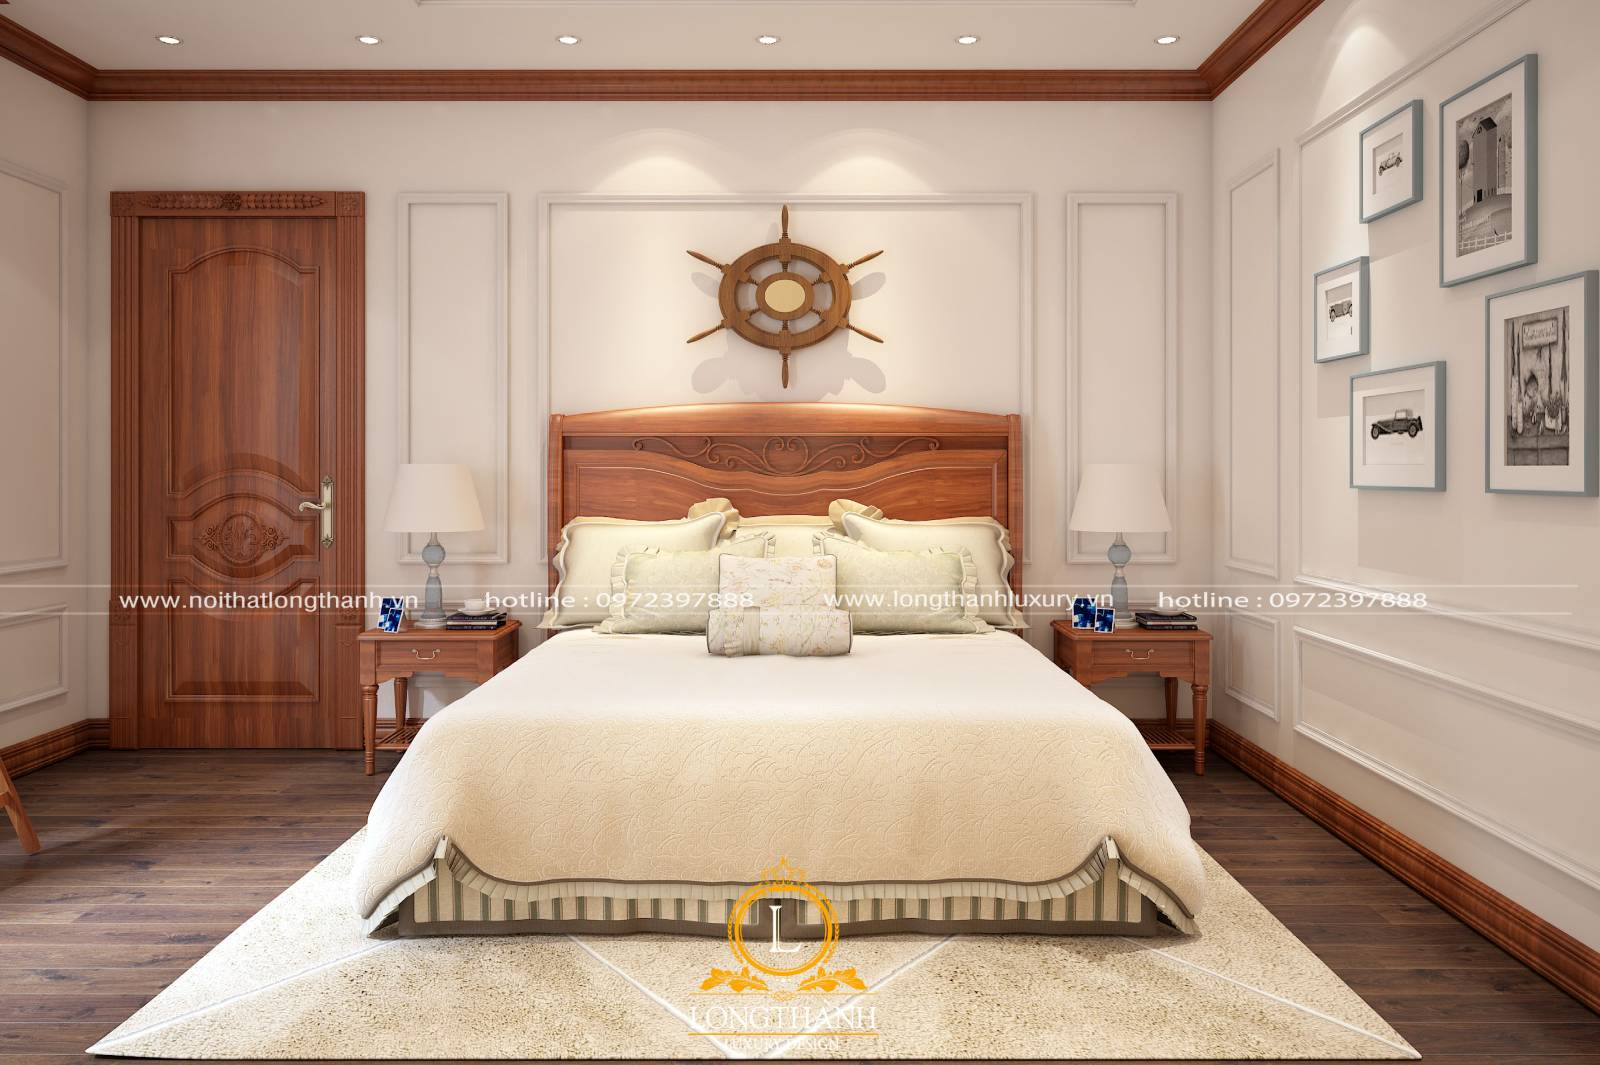 10+ mẫu cửa gỗ tự nhiên đẹp nhất cho phòng ngủ